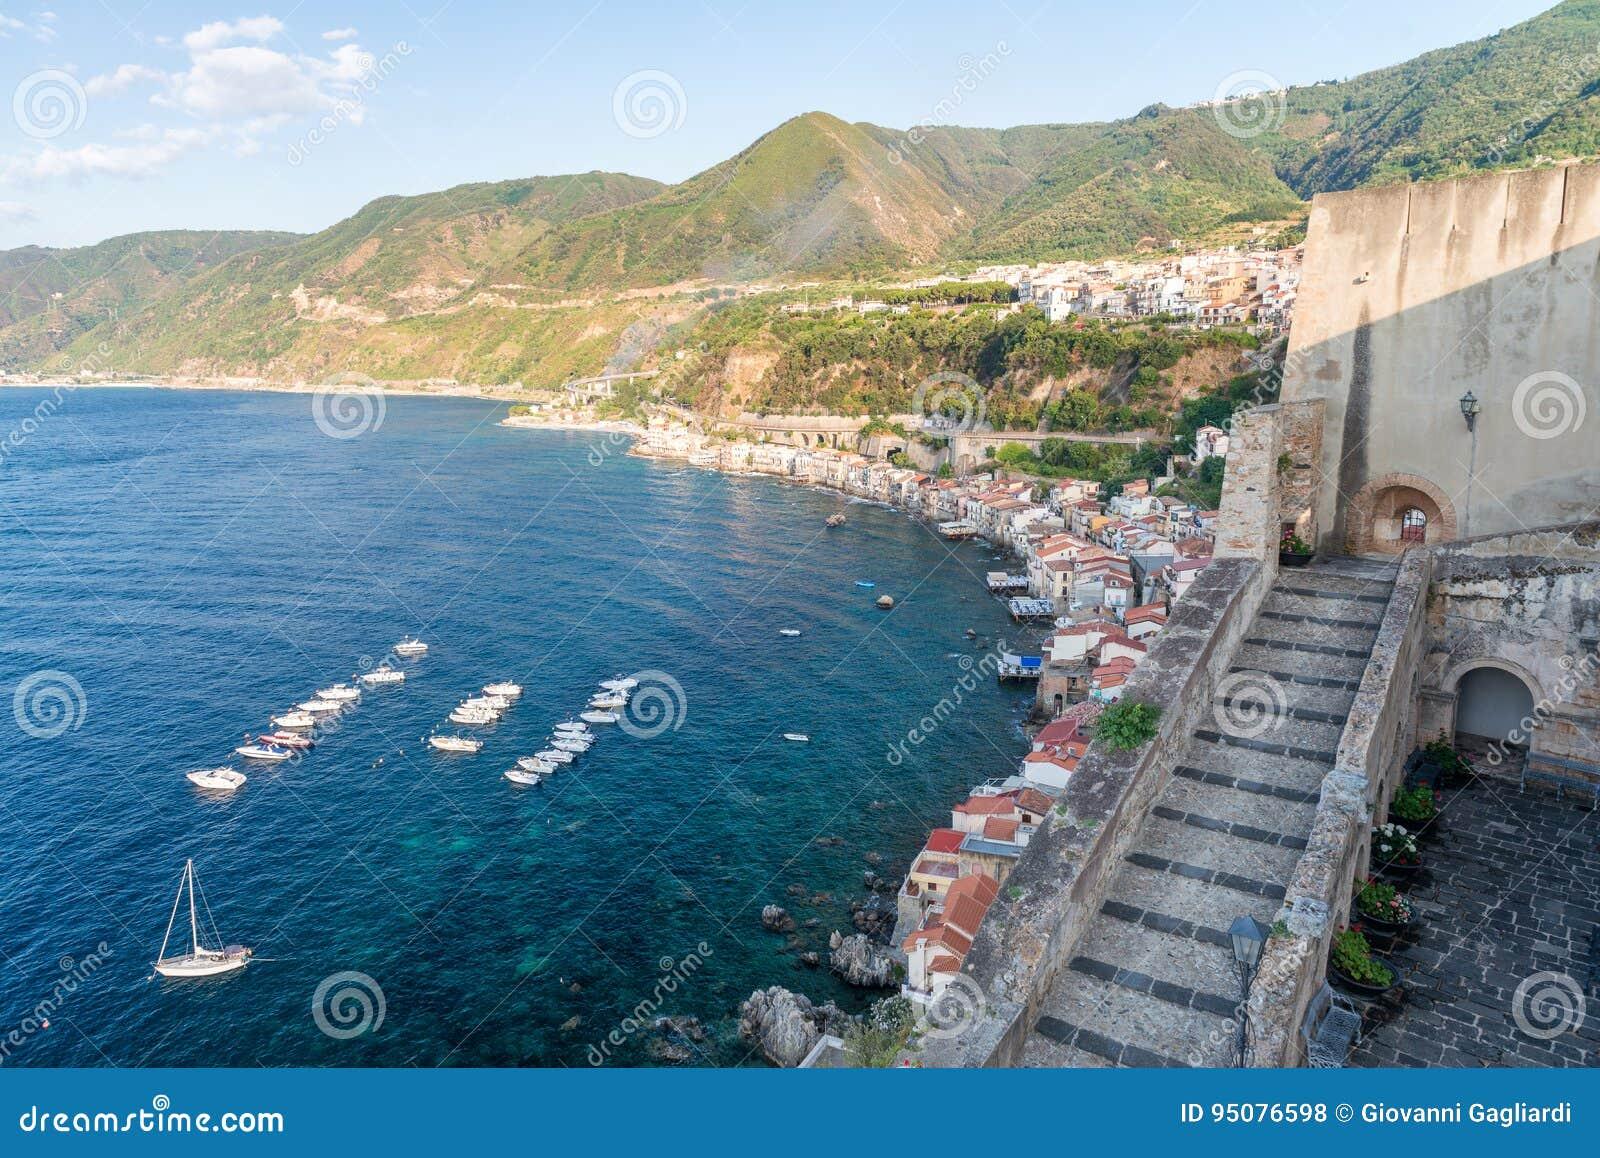 Beautiful coastline of Chianalea in Scilla, Calabria